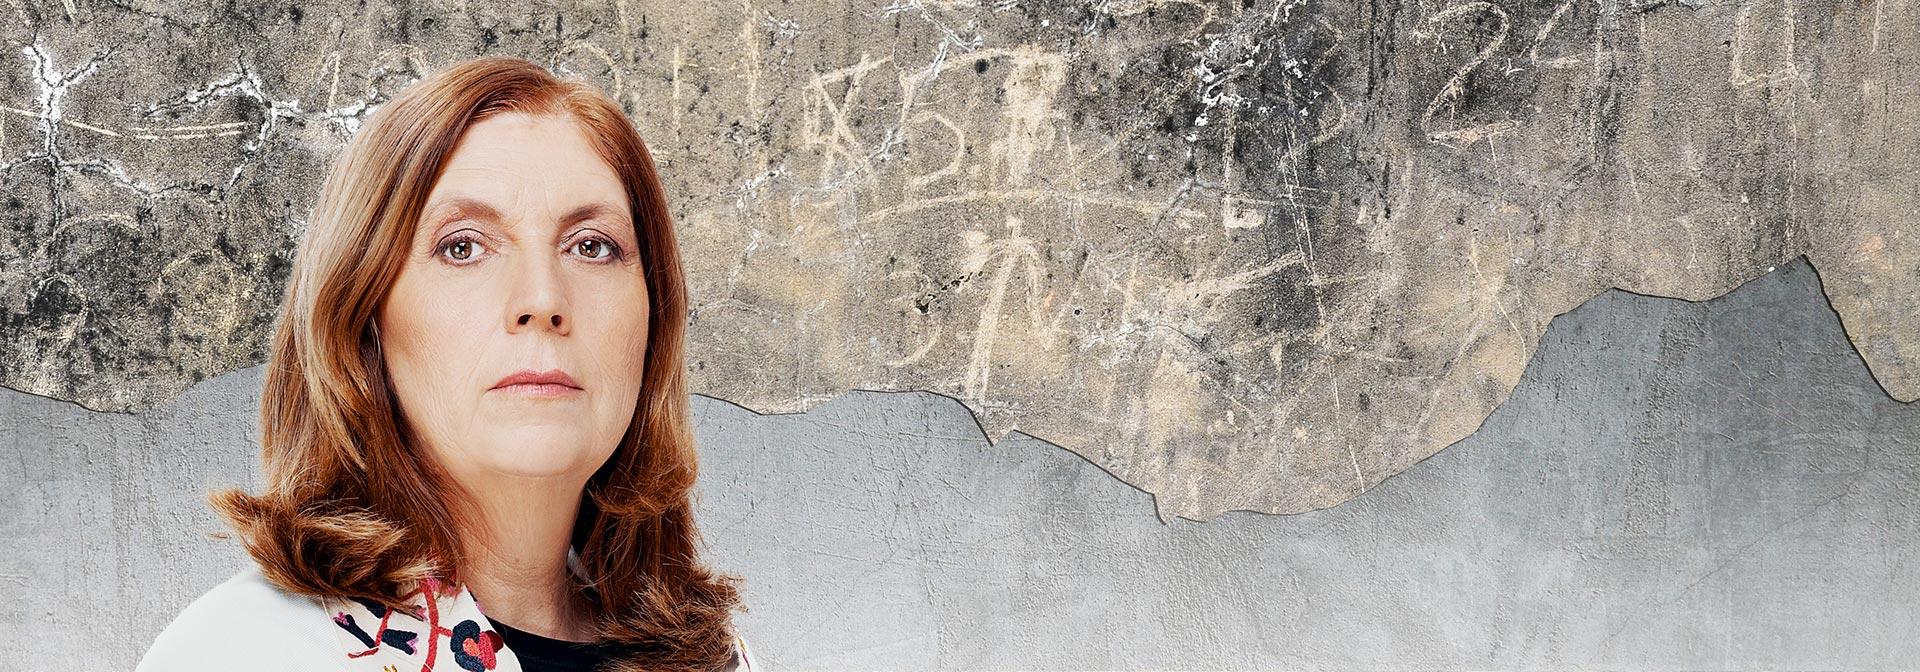 ליידי גלובס מציג: 20 האקטיביסטיות המשפיעות בישראל 2018 - ענת הופמן / צילום: ענבל מרמרי